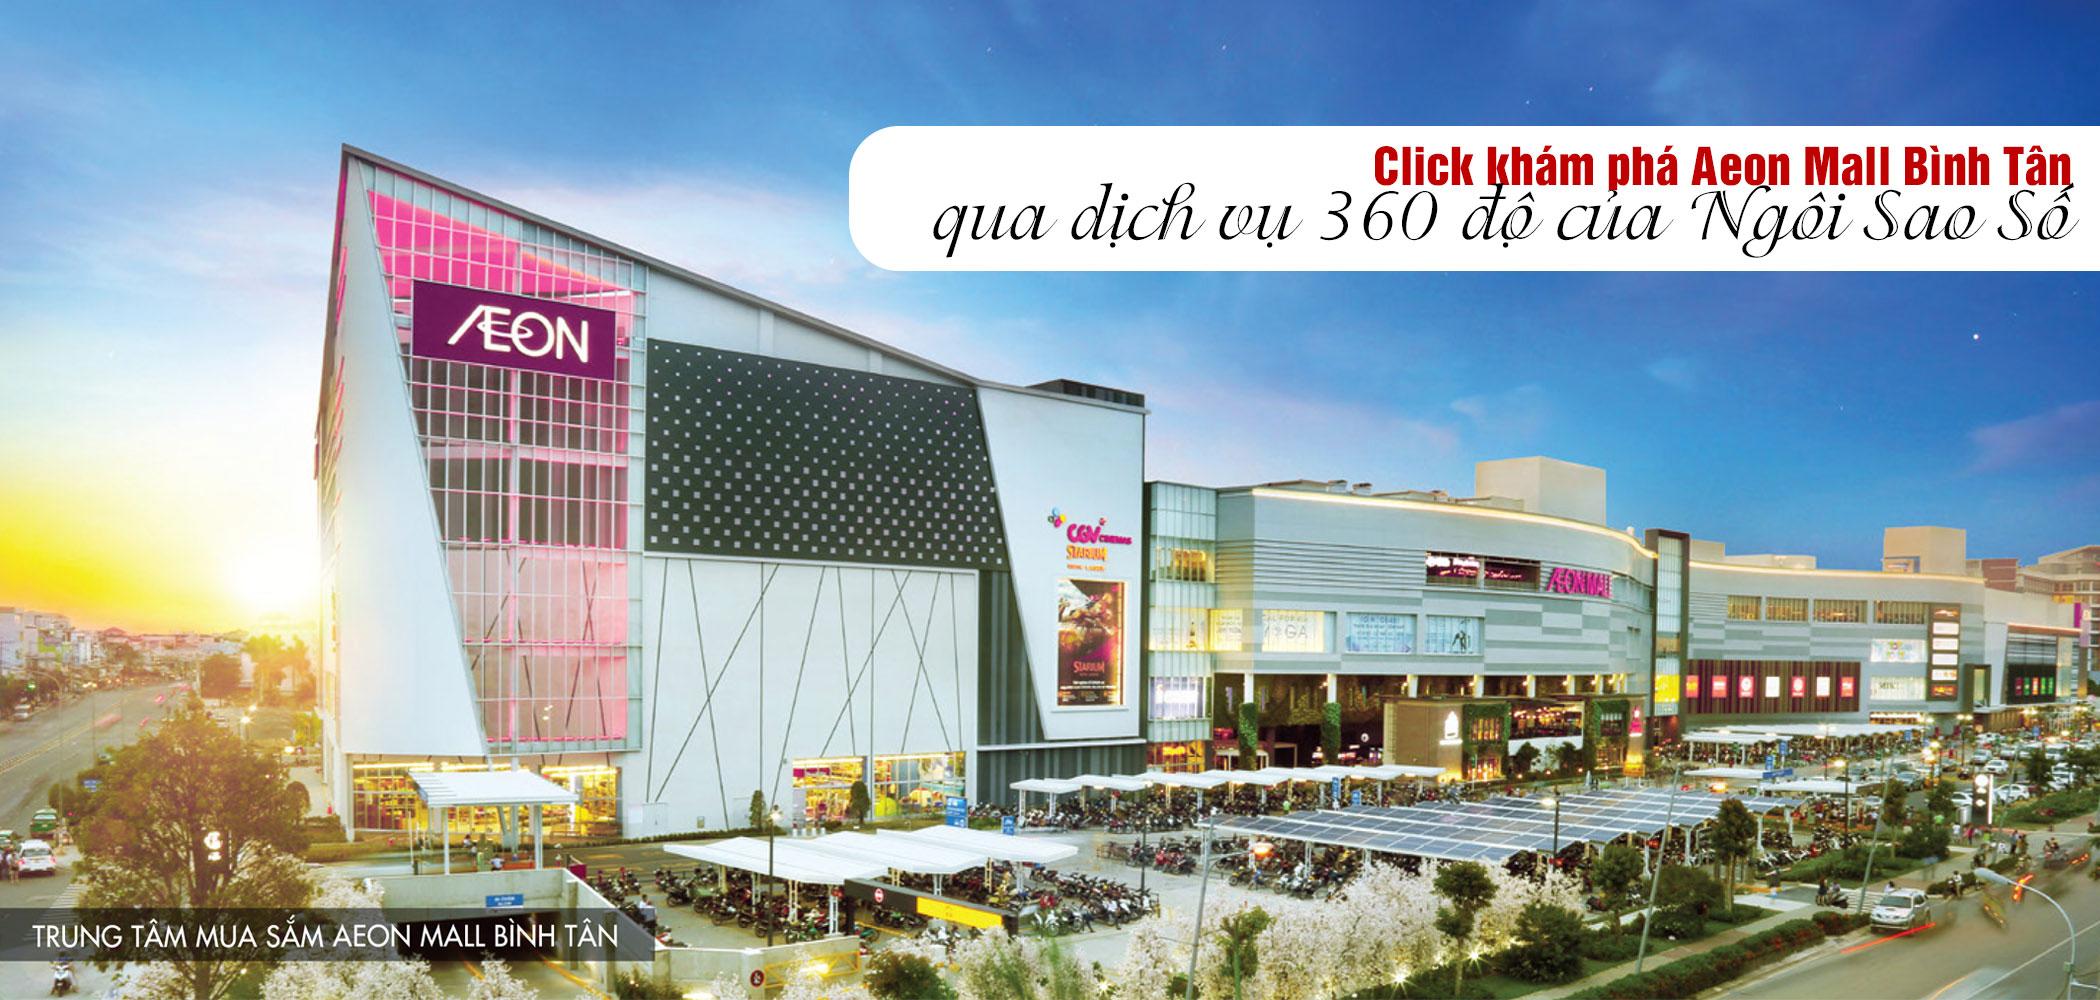 khám phá Aeon Mall Bình Tân qua dịch vụ web 360 độ của Ngôi Sao Số